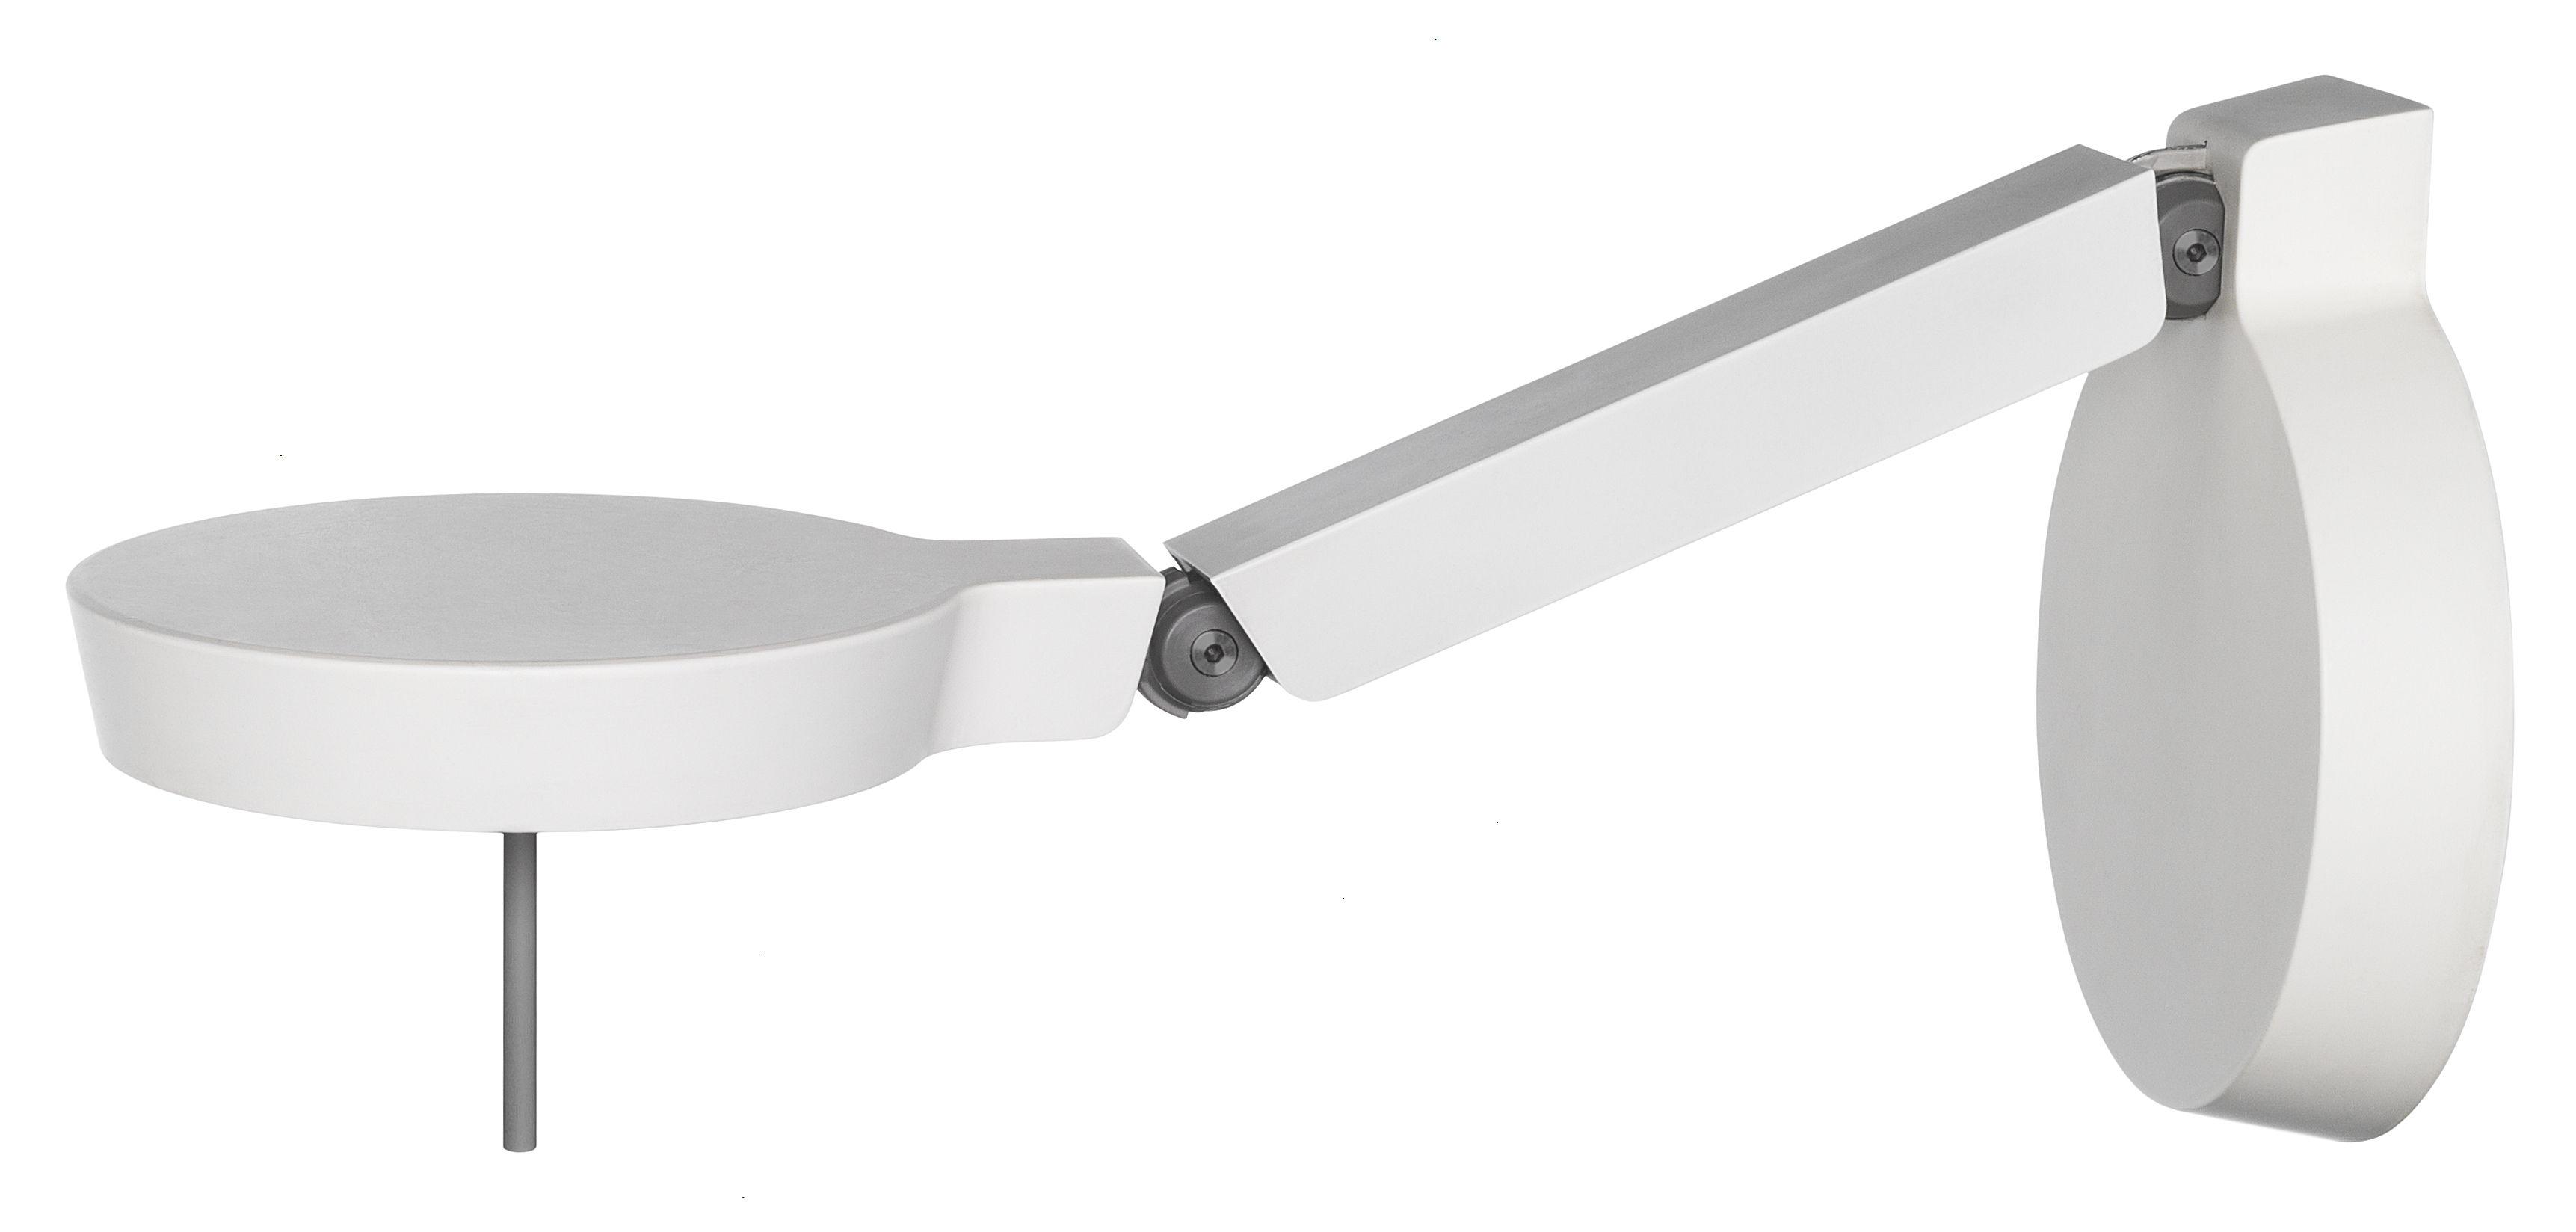 Luminaire - Appliques - Applique Claesson Koivisto Rune w081w LED / H 20 cm - Wästberg - Blanc - Aluminium extrudé, Fonte d'aluminium, Plastique